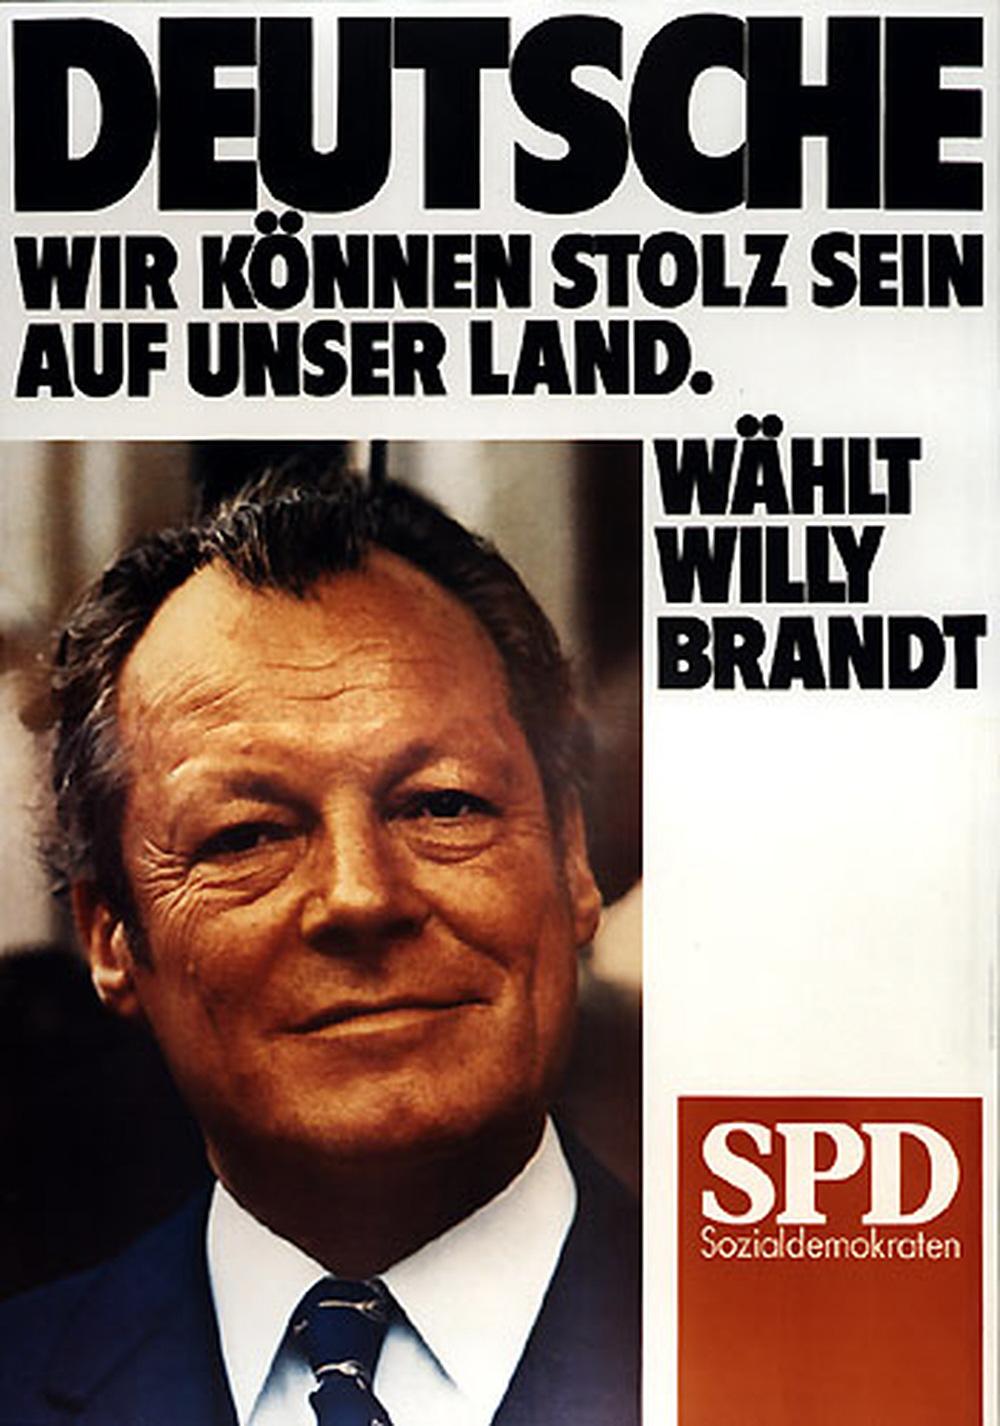 """SPD-Wahlplakat """"Willy Brandt"""" zur Bundestagswahl 1972"""